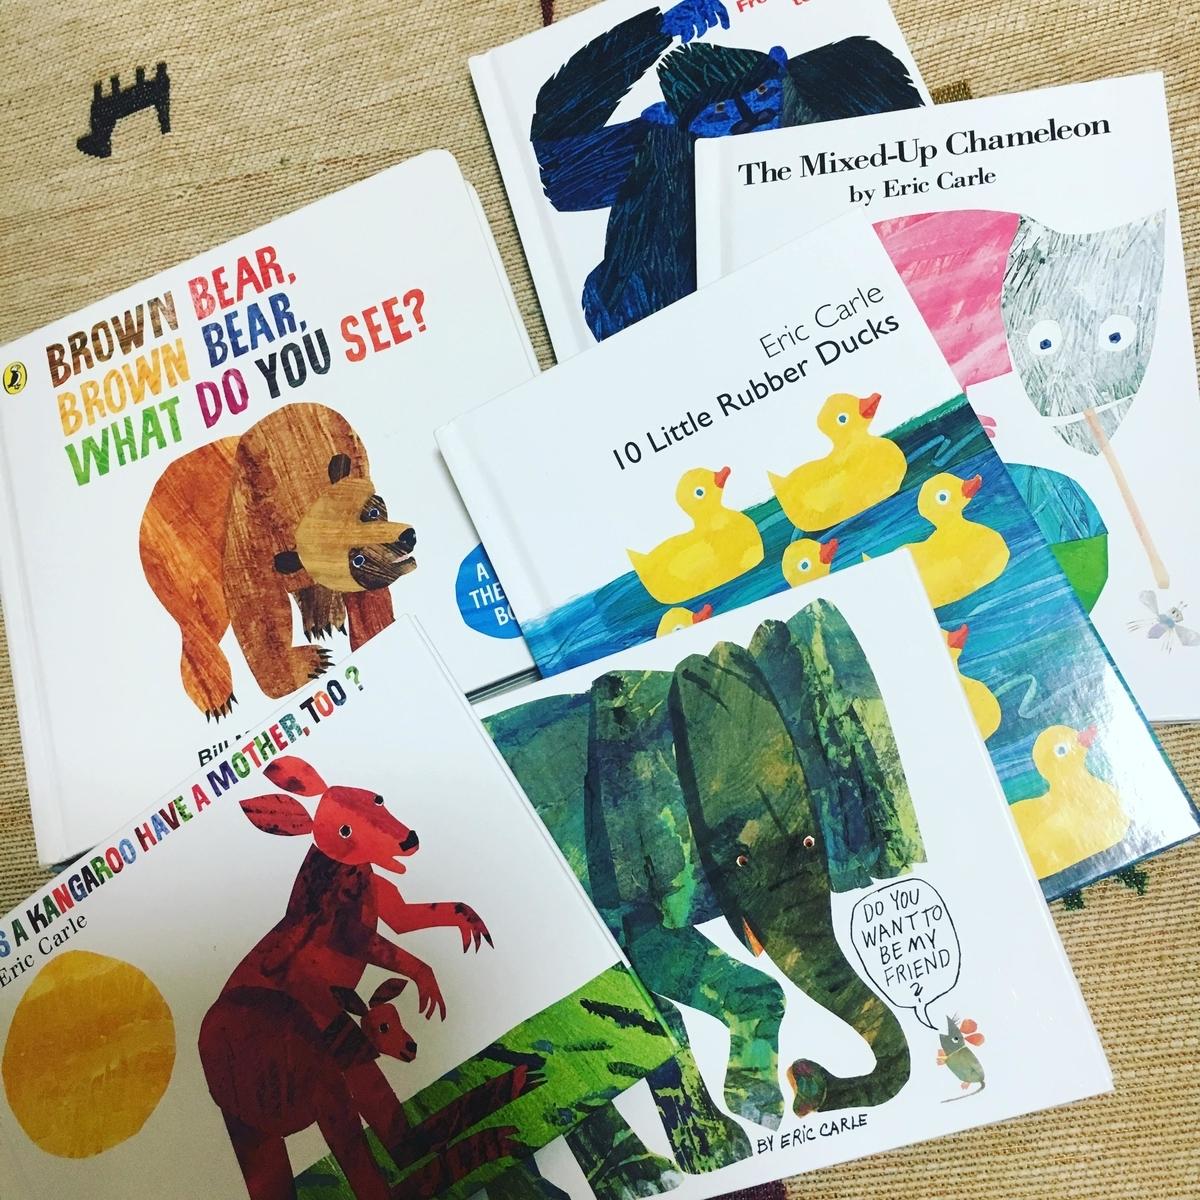 小さい子どもにおすすめの英語絵本